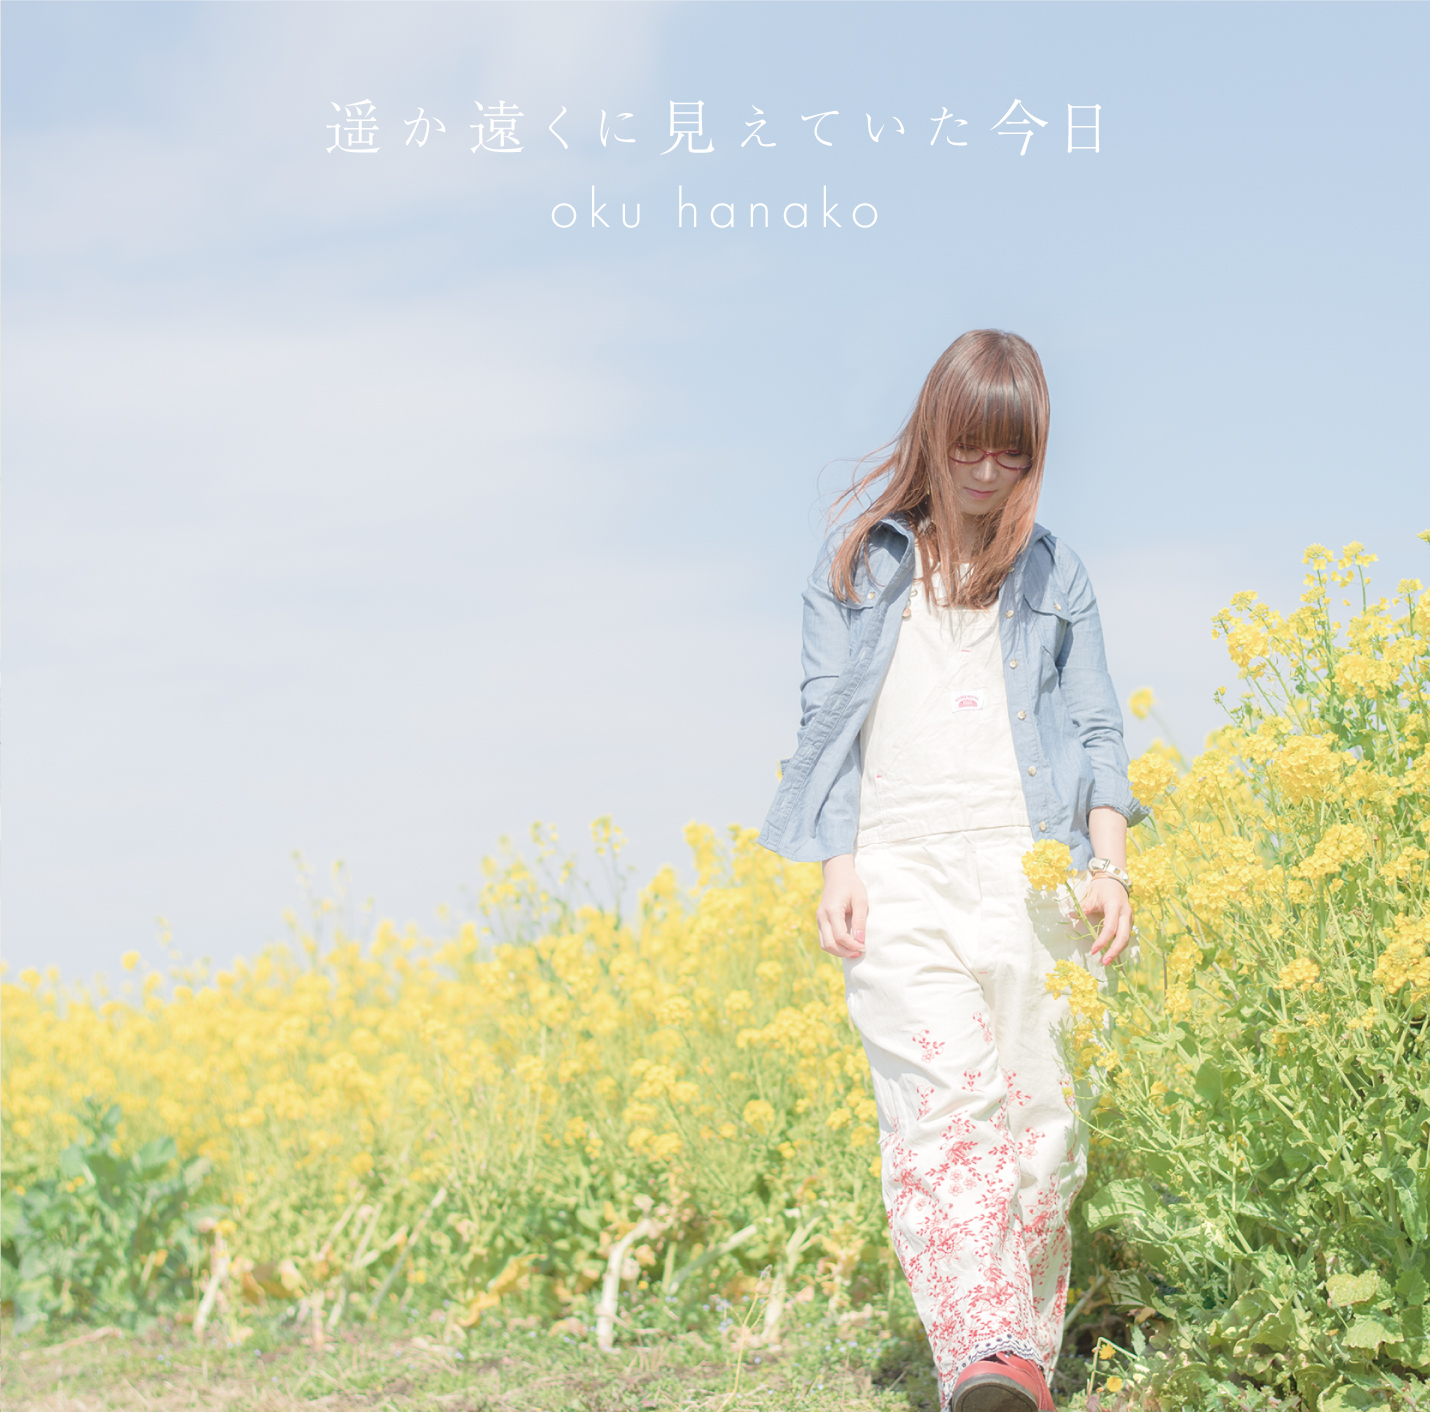 アルバム『遥か遠くに見えていた今日』【初回限定盤】(CD+DVD)